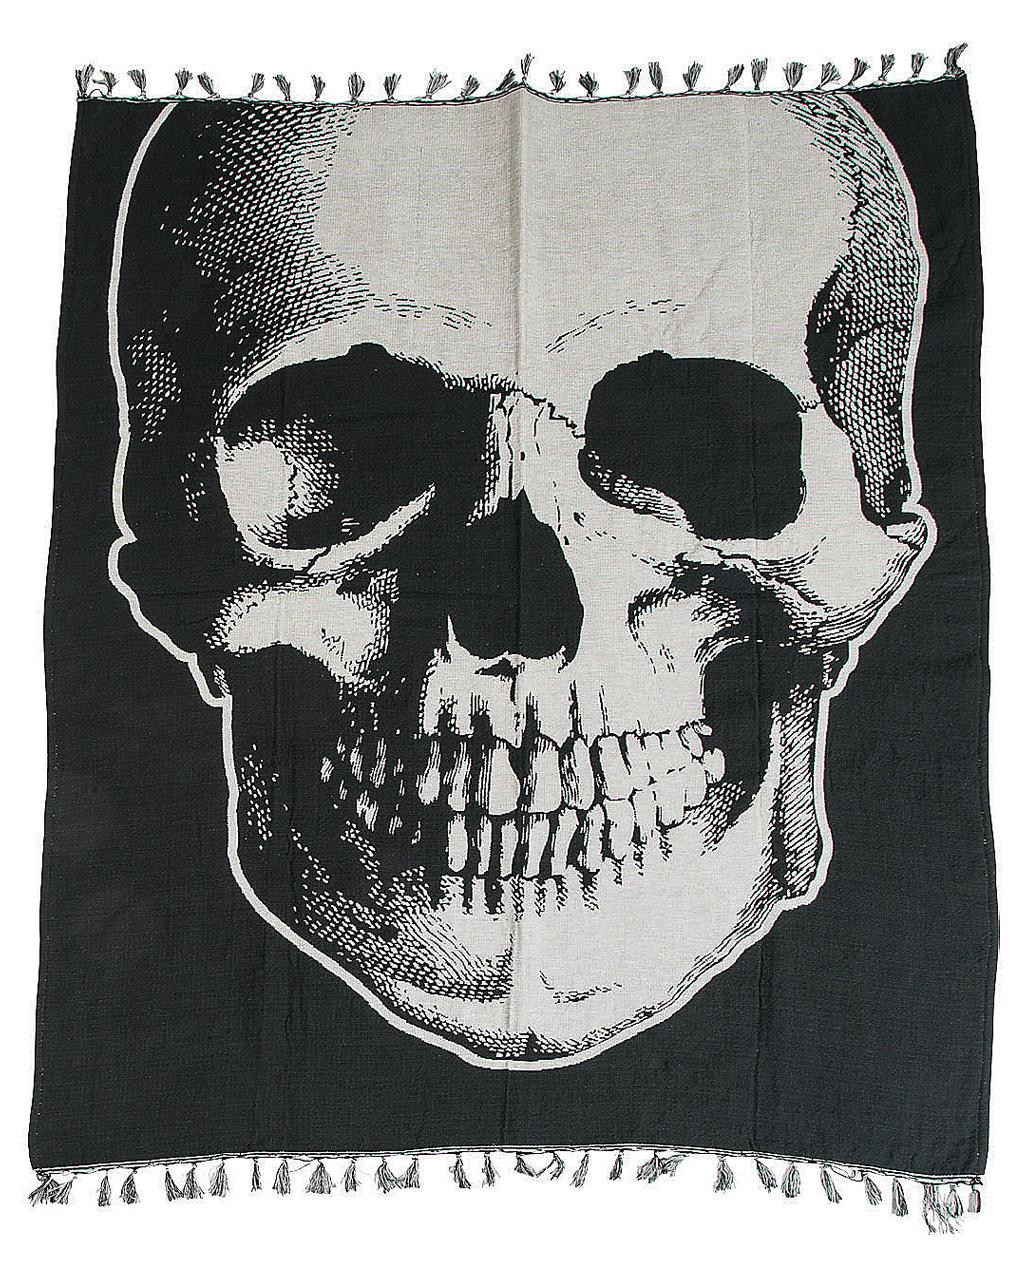 Baumwolle Strümpfe Skull Totenkopf Schwarz Gothic Steampunk Halloween